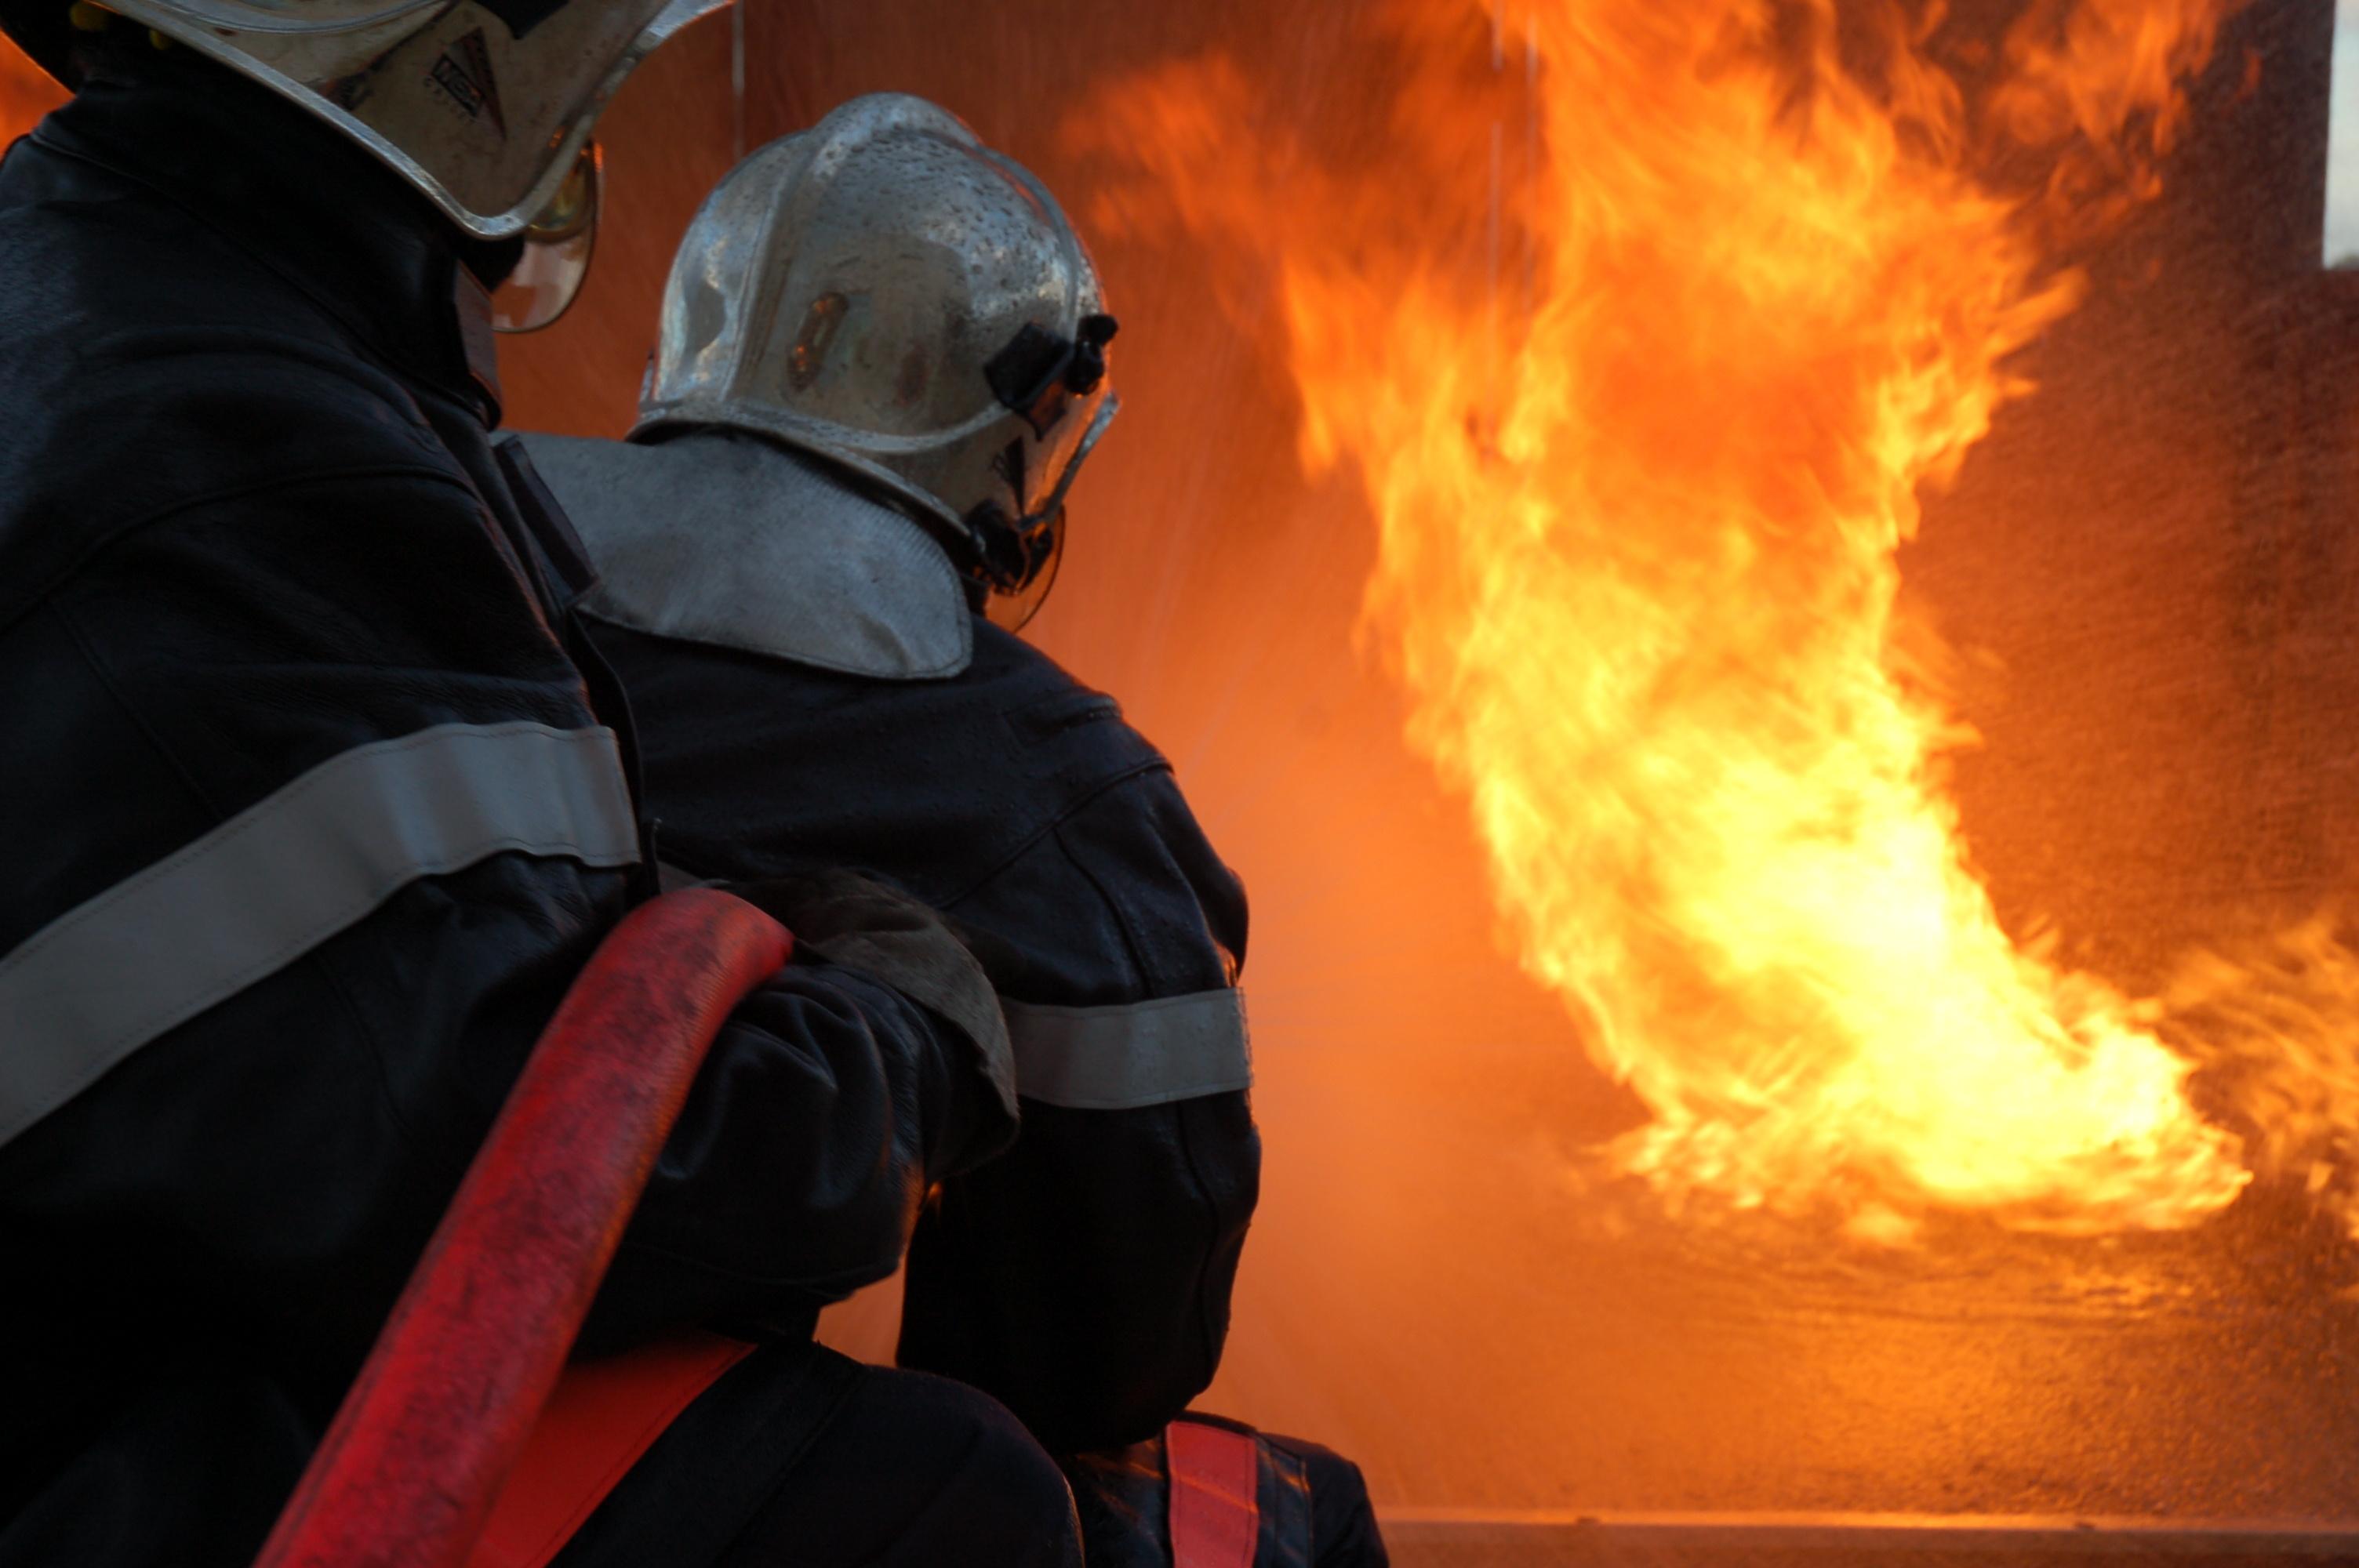 Lorsque les pompiers ont pénétré dans l'appartement, occupés par un père et son fils, ils ont découvert une brouette en feu au milieu du salon (Photo d'illustration DR)